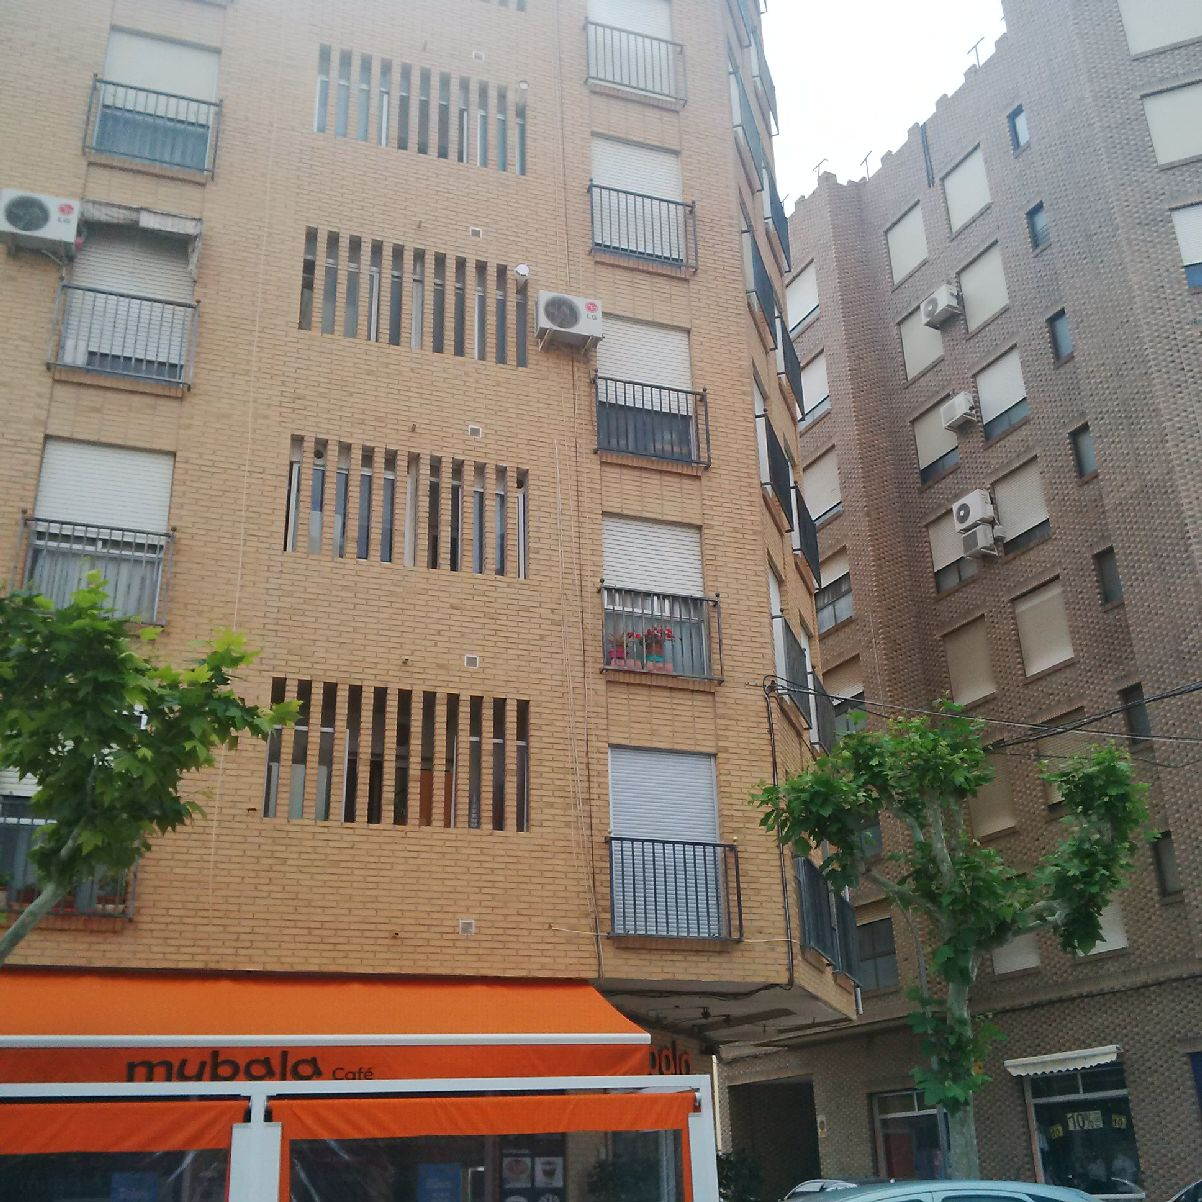 Piso en venta en Albatera, Alicante, Calle Hondon, 59.000 €, 3 habitaciones, 1 baño, 96 m2